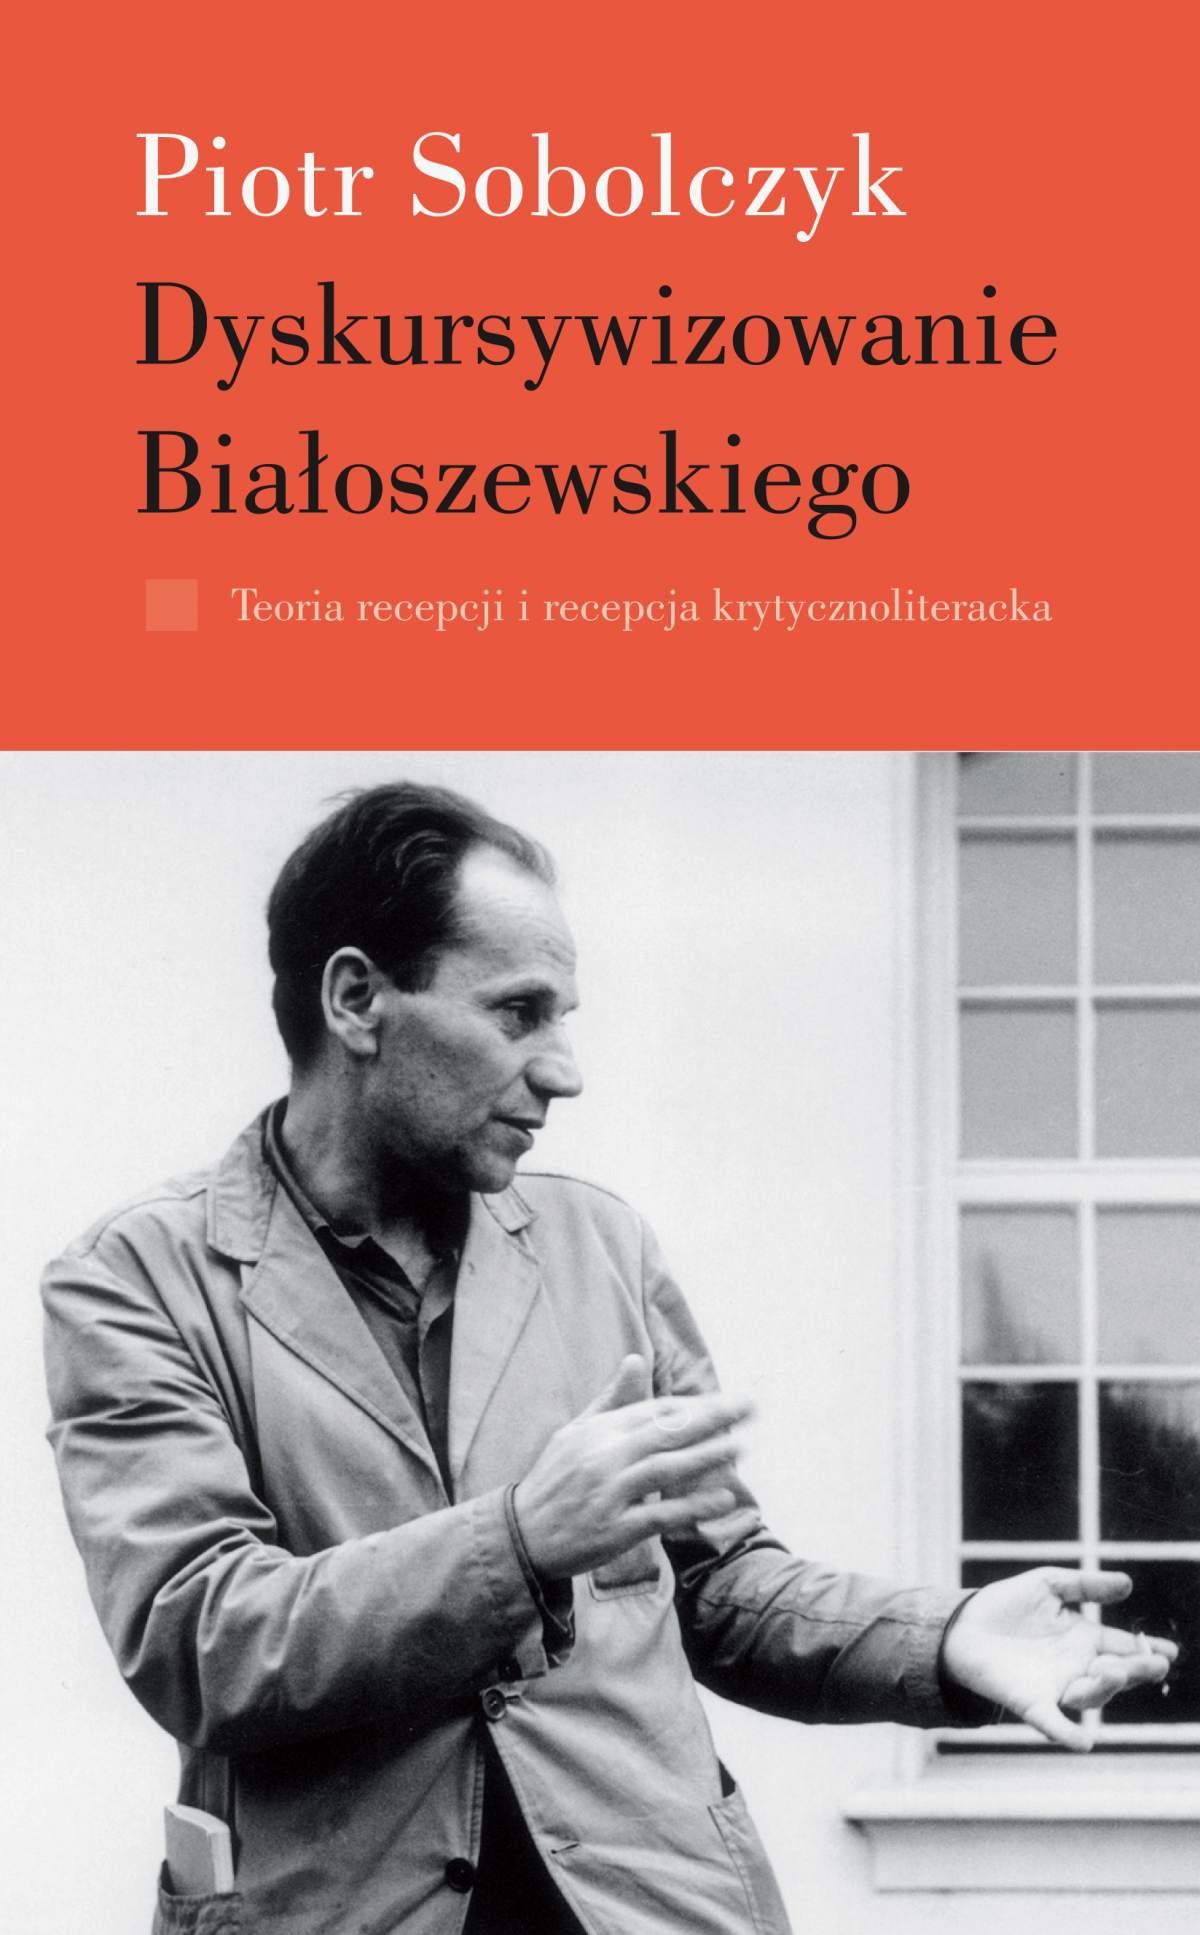 Dyskursywizowanie Białoszewskiego. Tom 1 - Ebook (Książka na Kindle) do pobrania w formacie MOBI